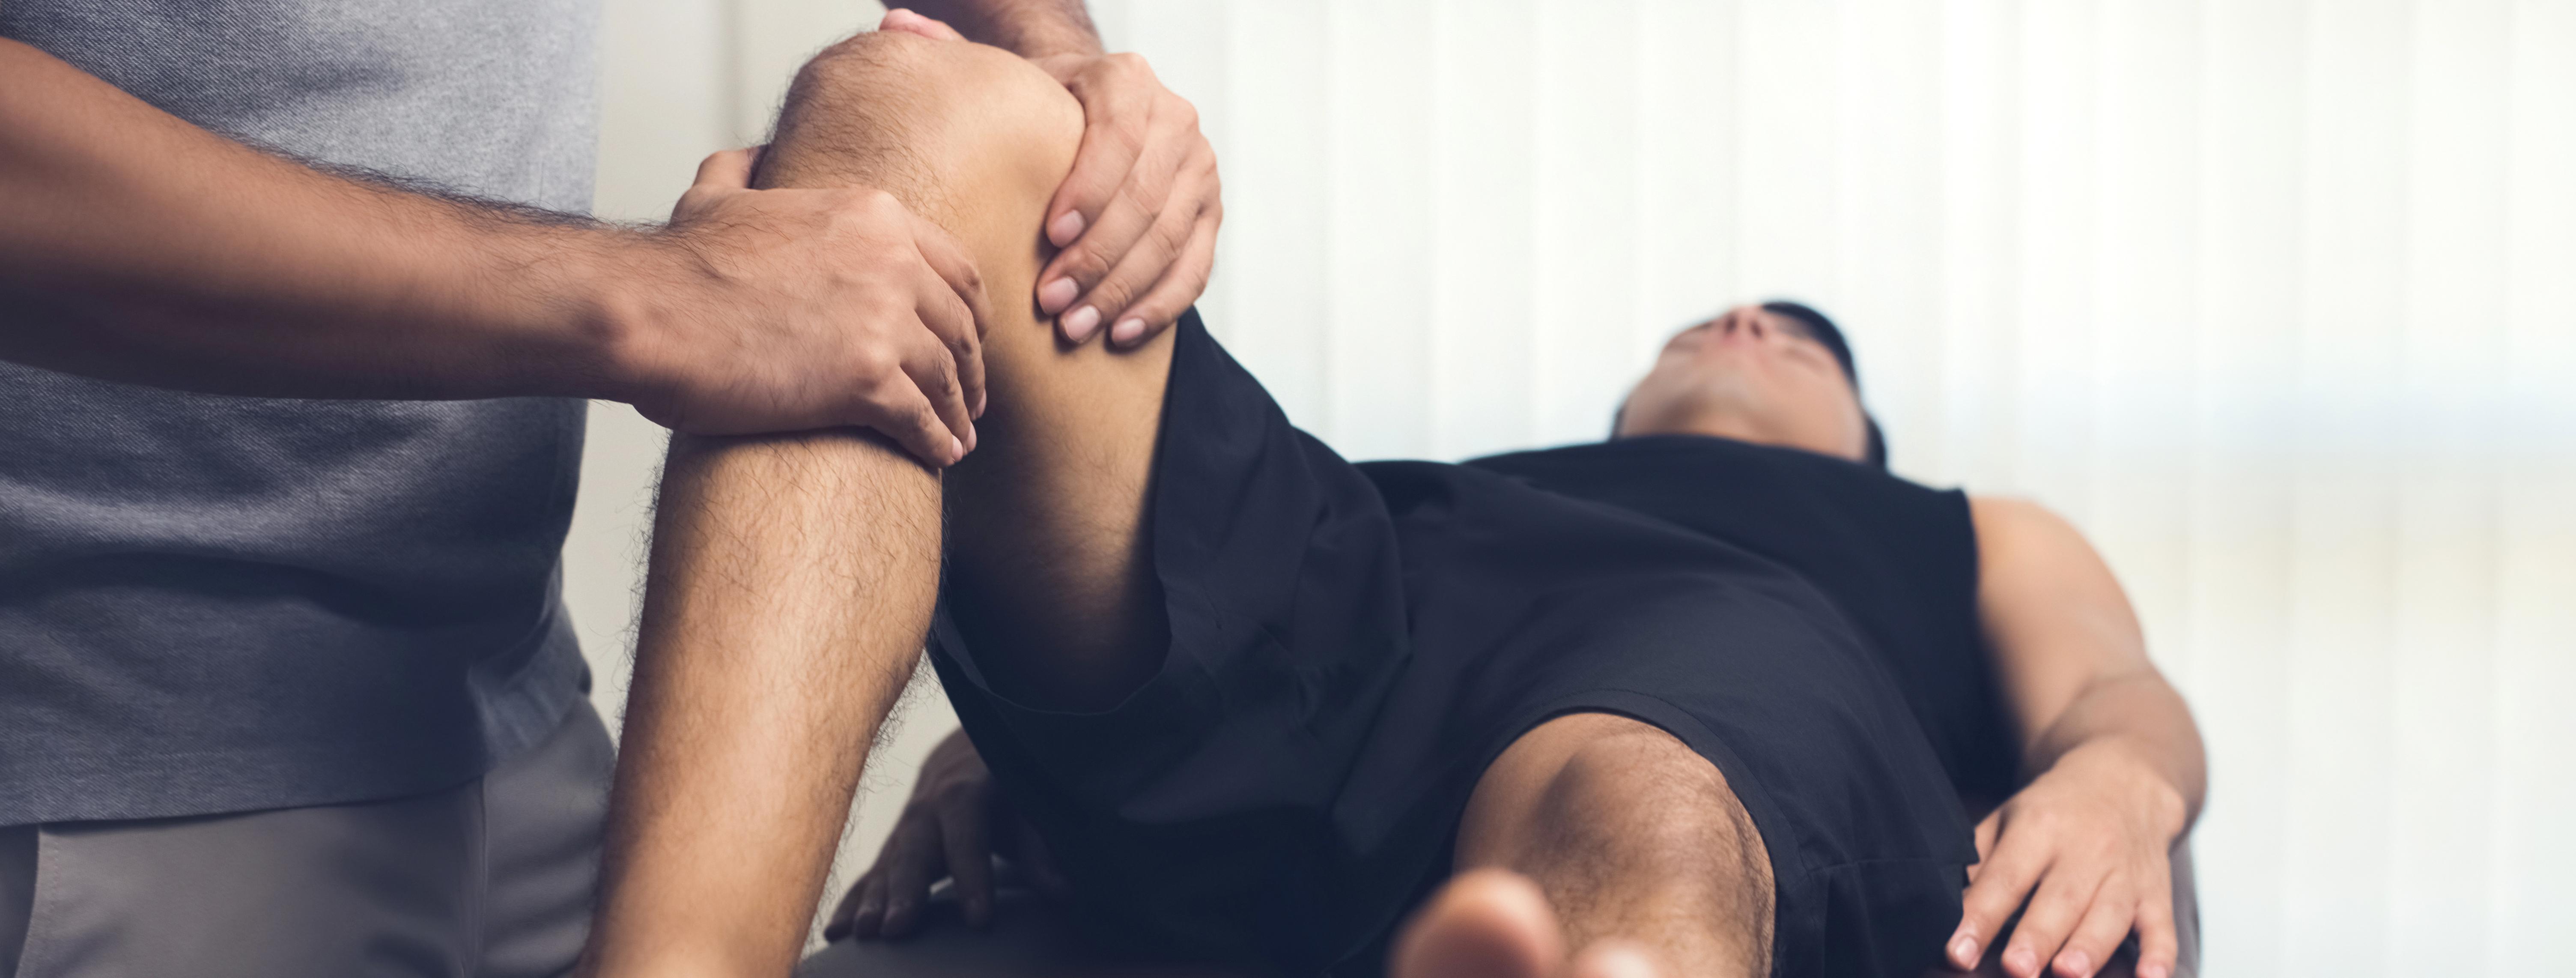 knäledsbrott.jpg